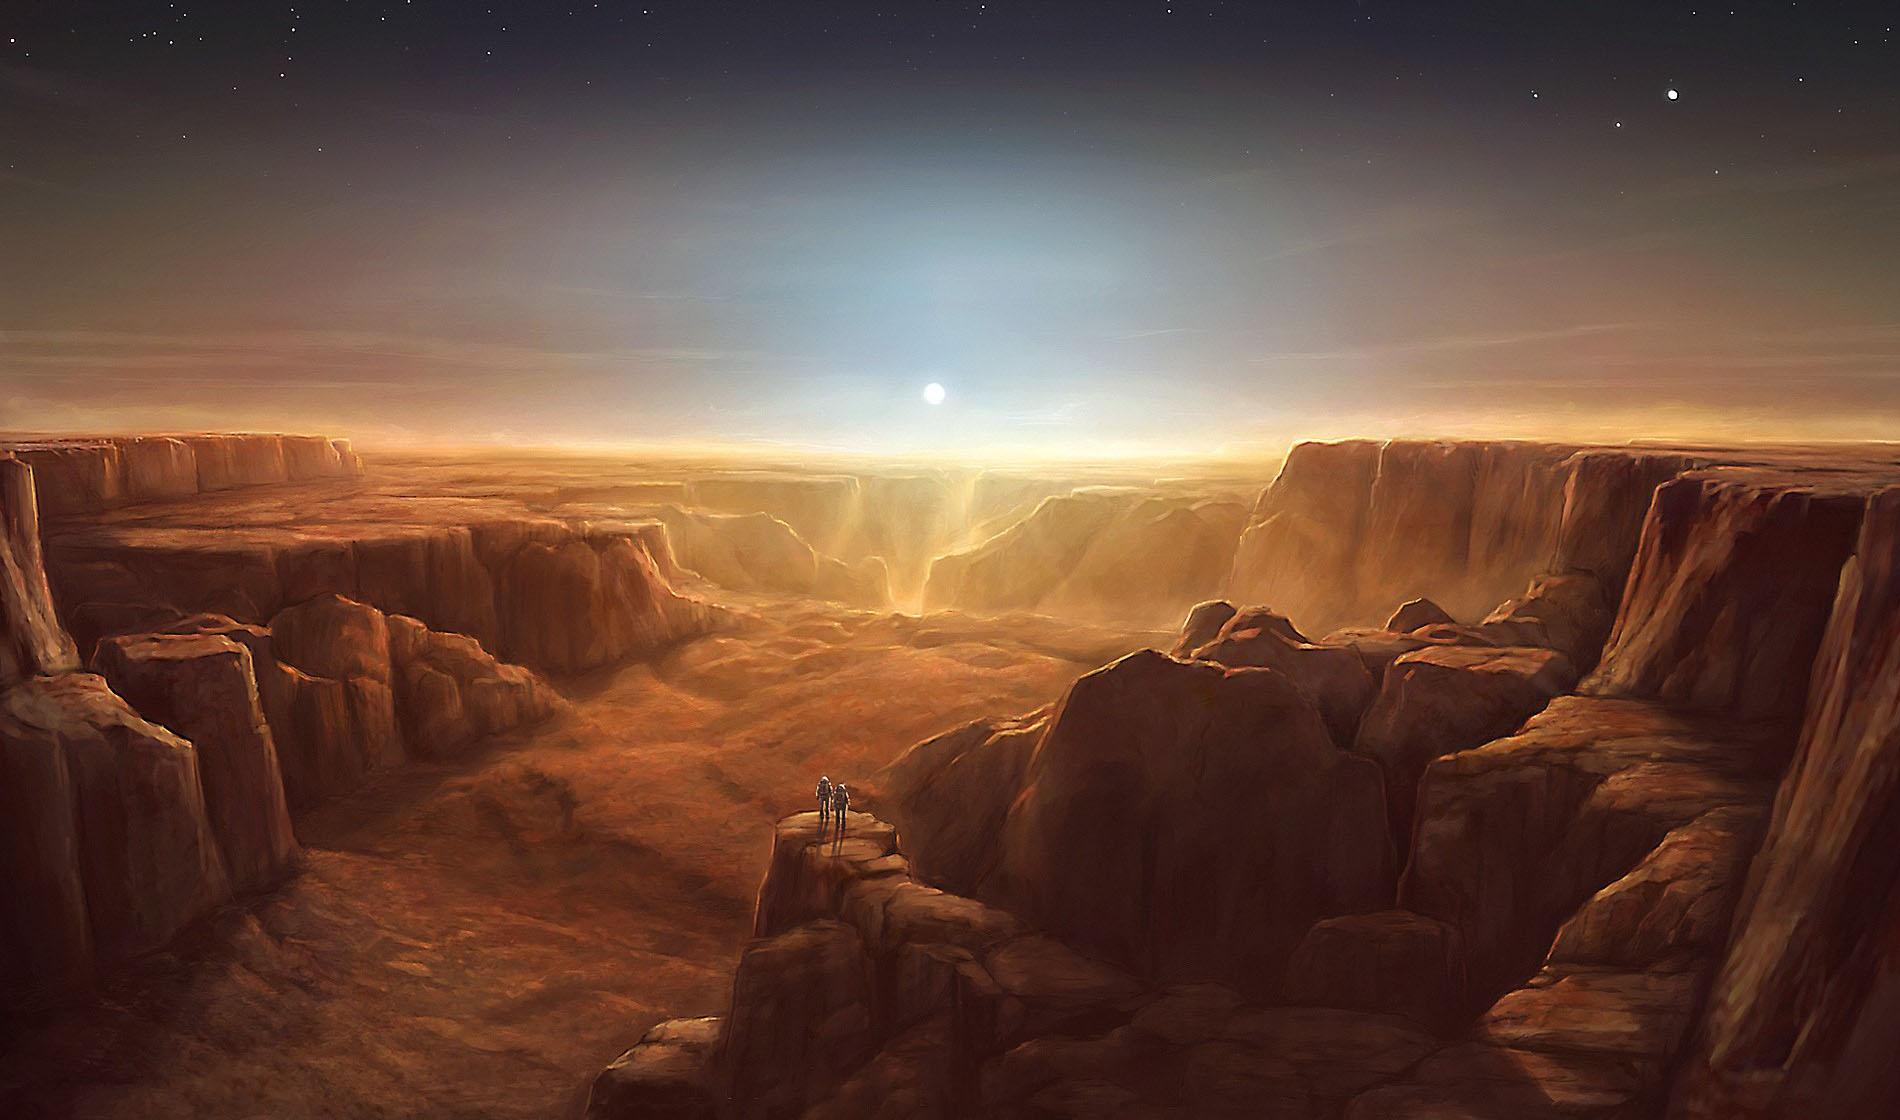 Gli scienziati stanno facendo crescere batteri sulle rocce di Marte